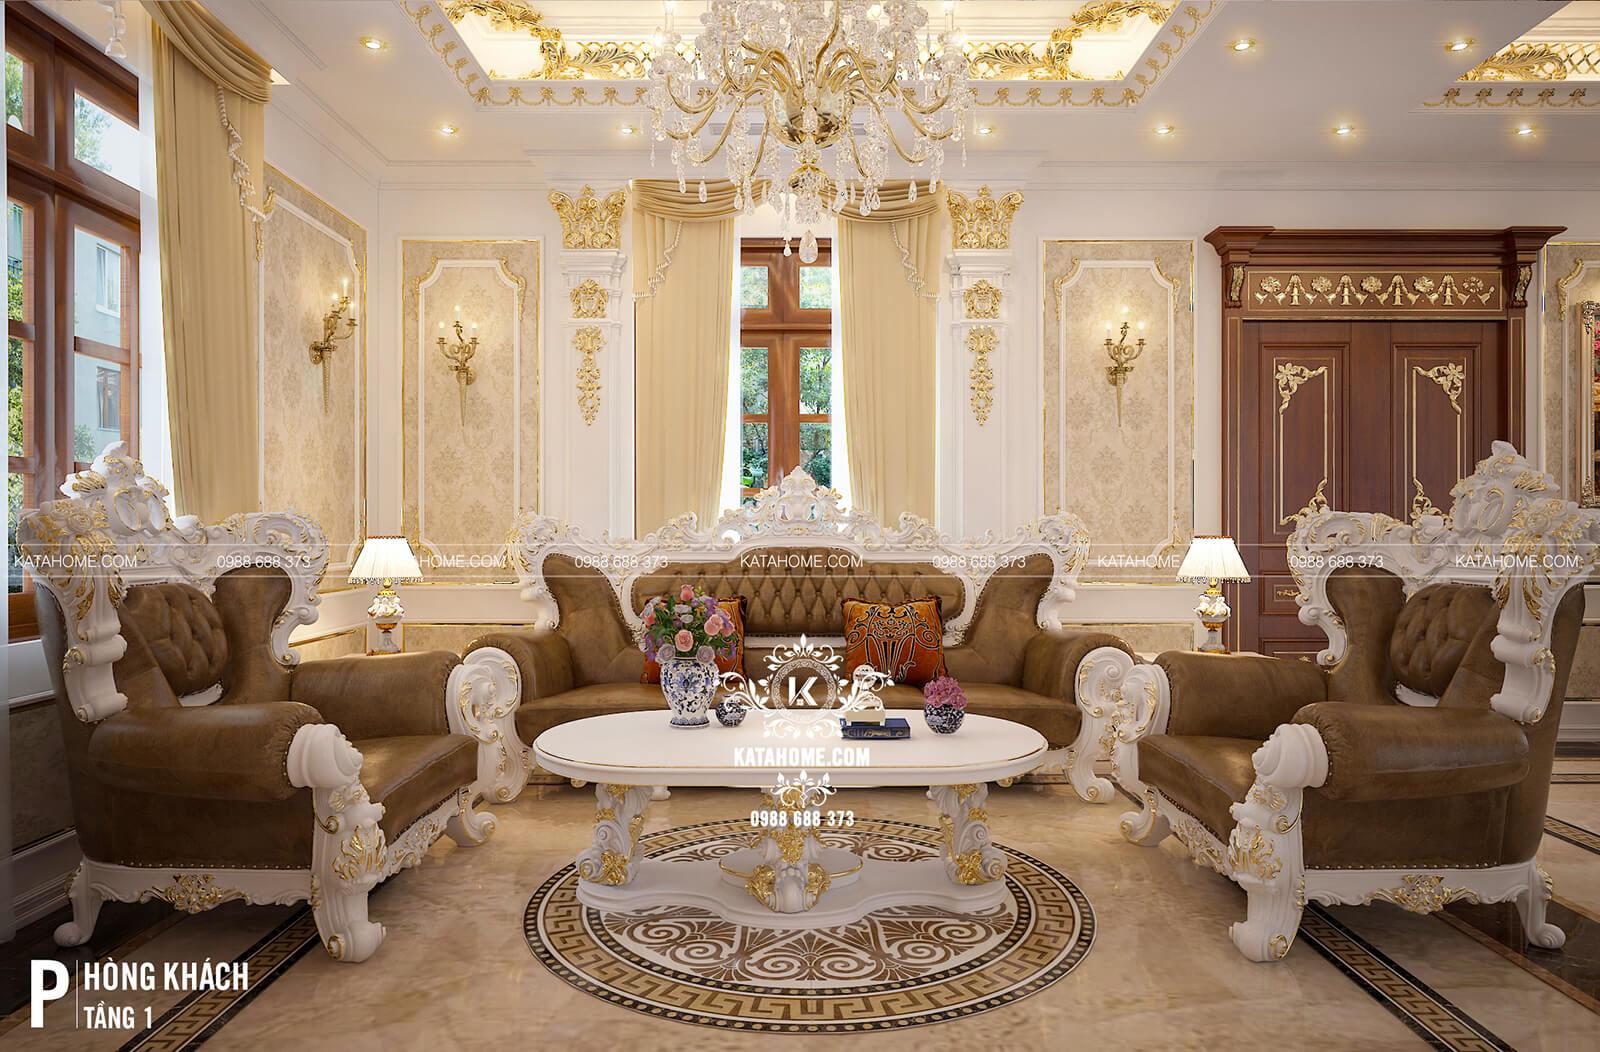 Thiết kế nội thất phòng khách tân cổ điển đẹp